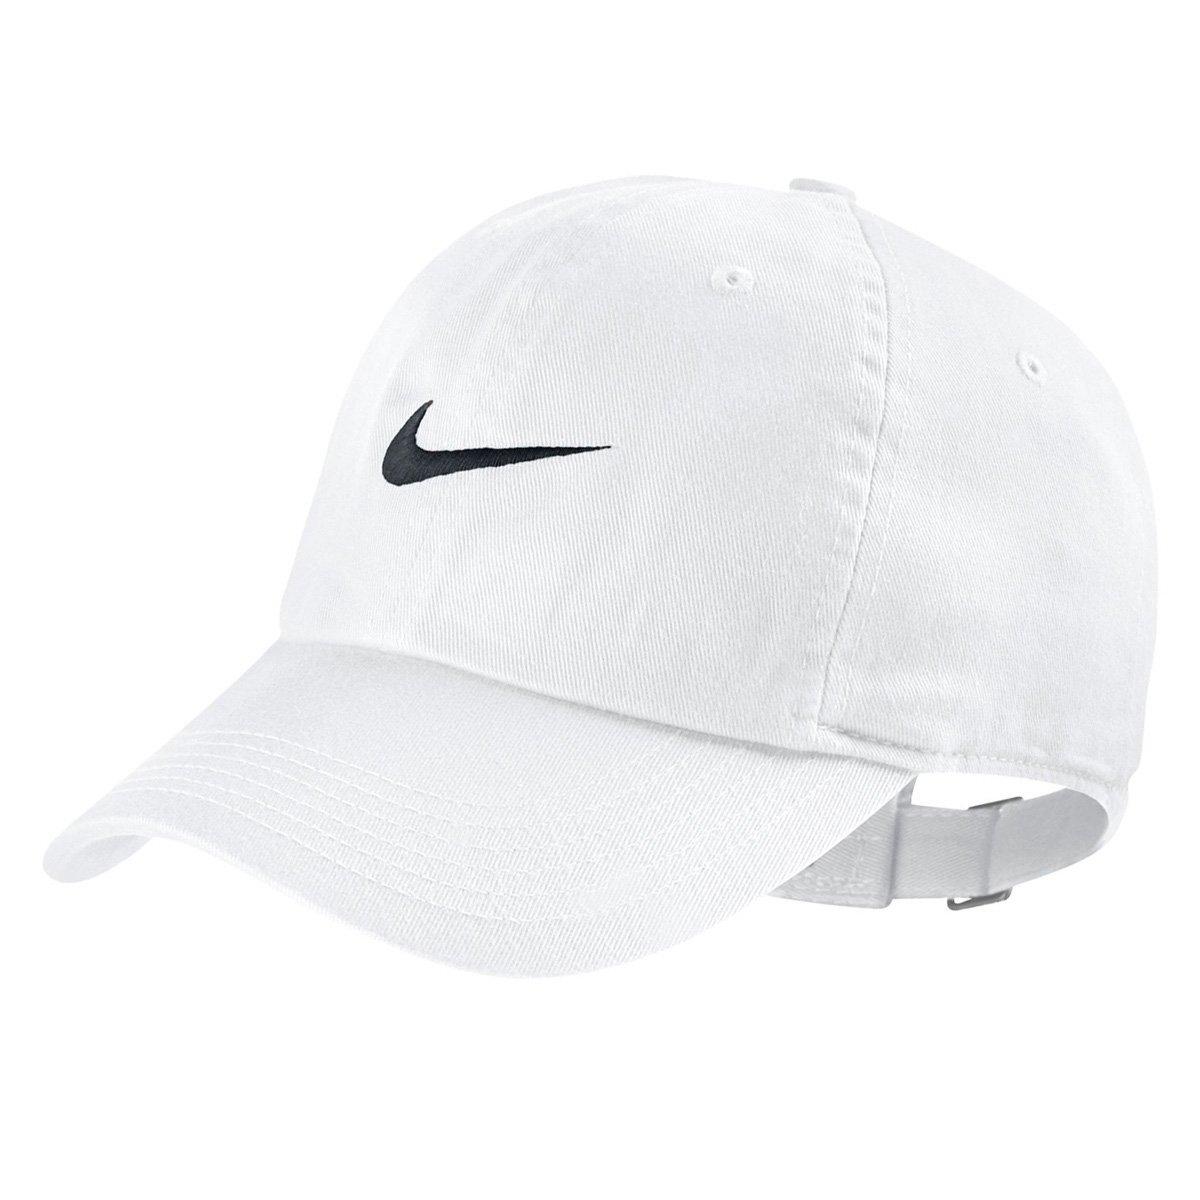 32984afe24bc4 Boné Infantil Nike New Swoosh Heritage - Compre Agora